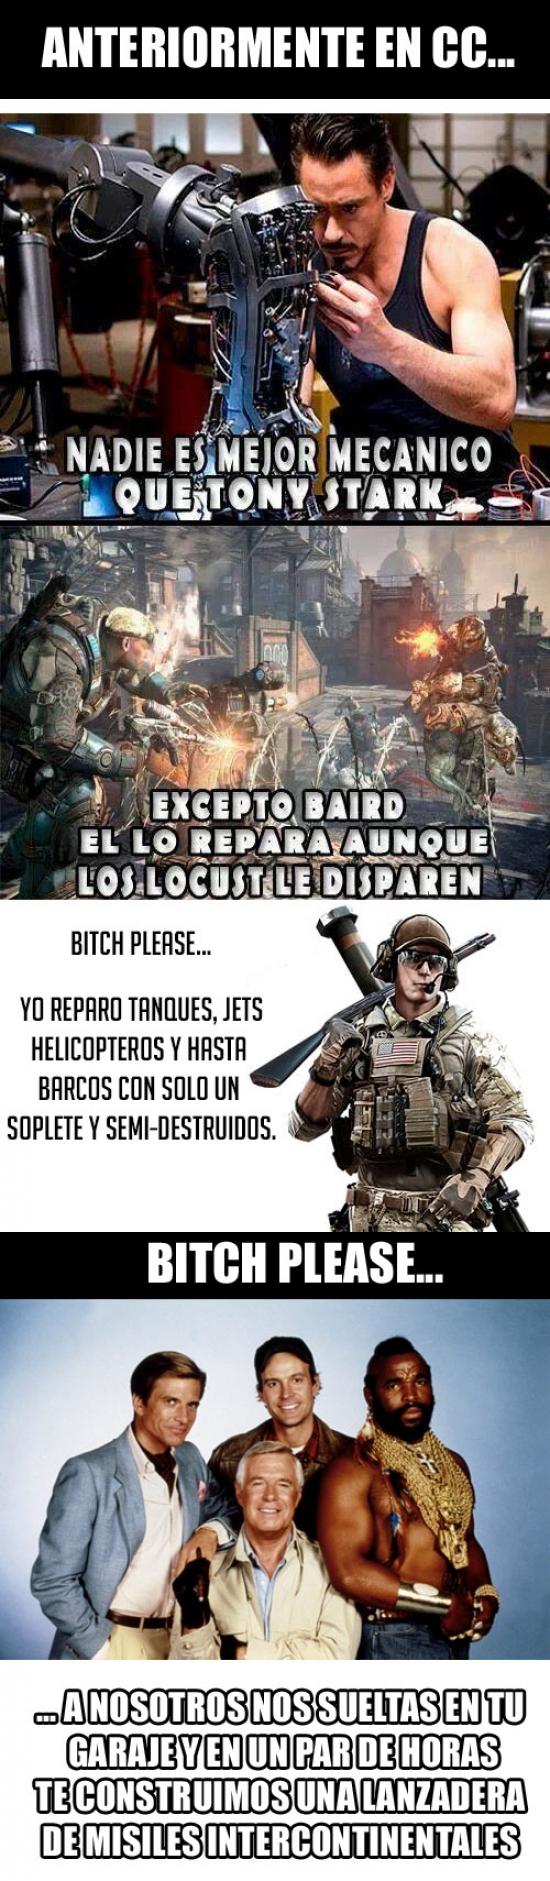 Meme_otros - ¿Seguro que nadie supera a los ingenieros de Battlefield?